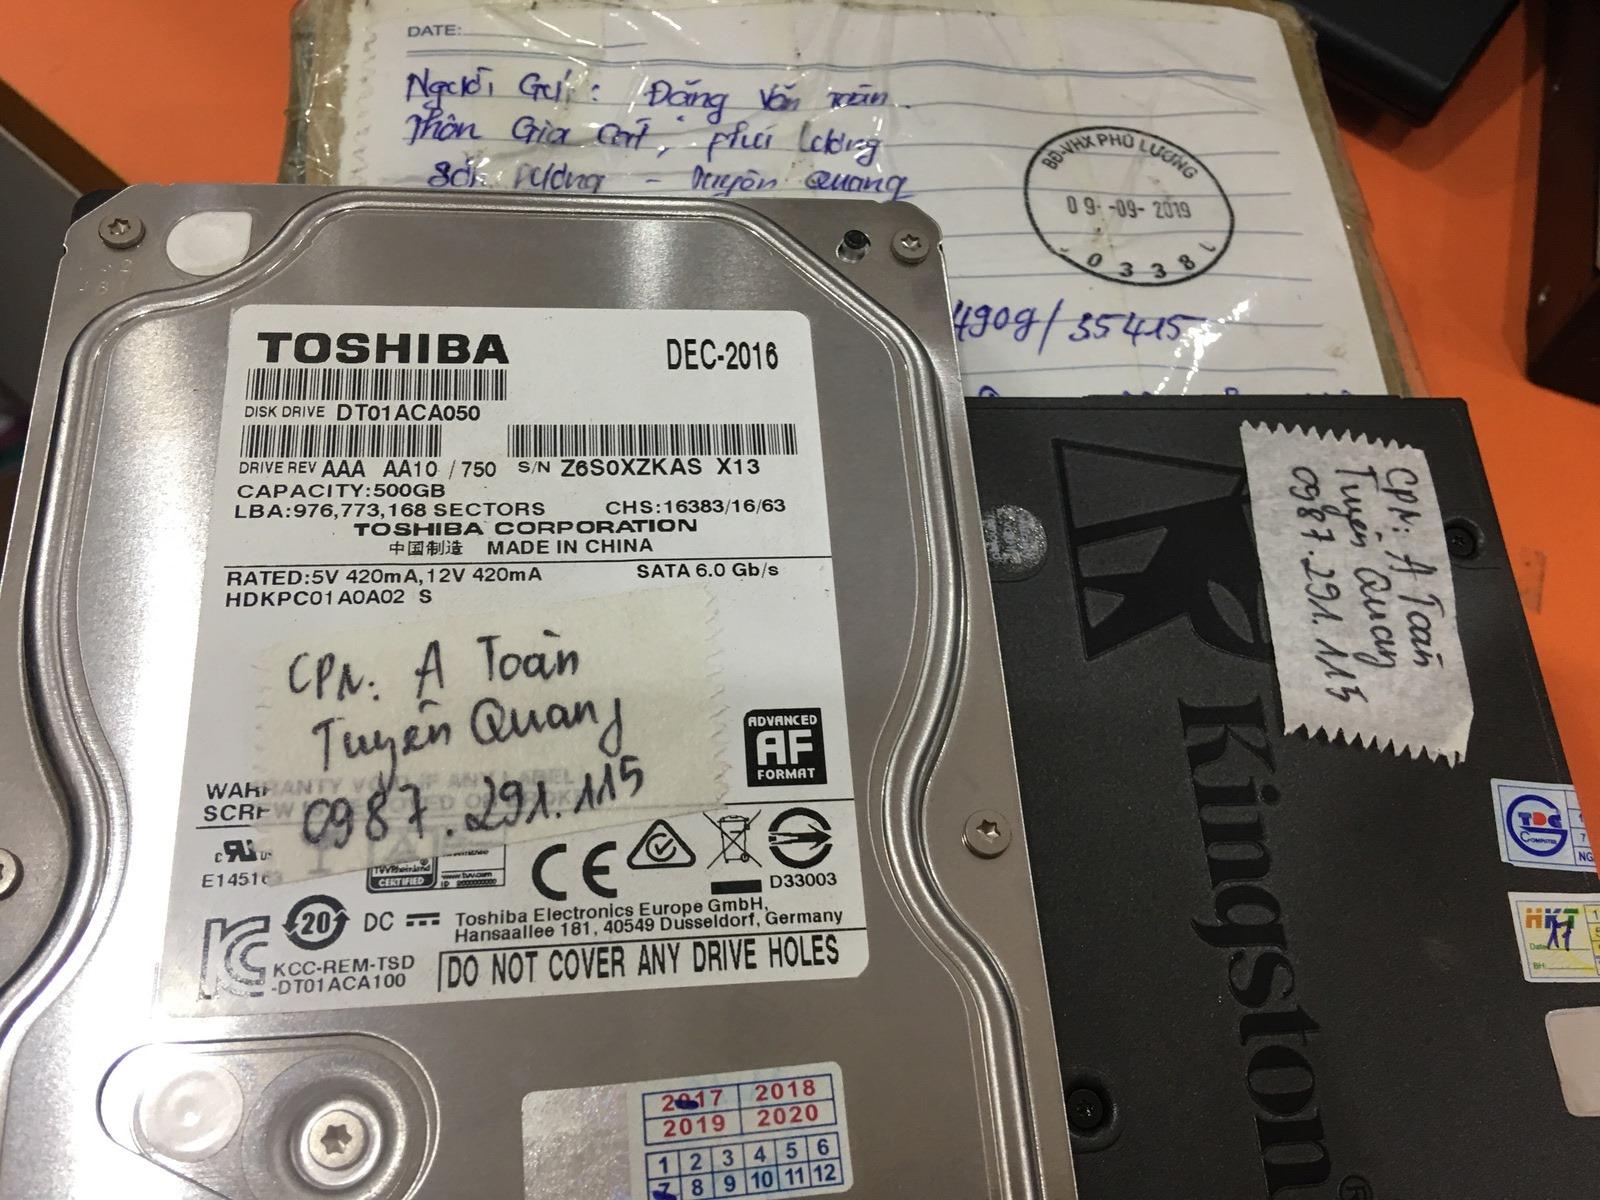 Phục hồi dữ liệu ổ cứng Toshiba 500GB lỗi đầu đọc tại Tuyên Quang 16/08/2019 - cuumaytinh